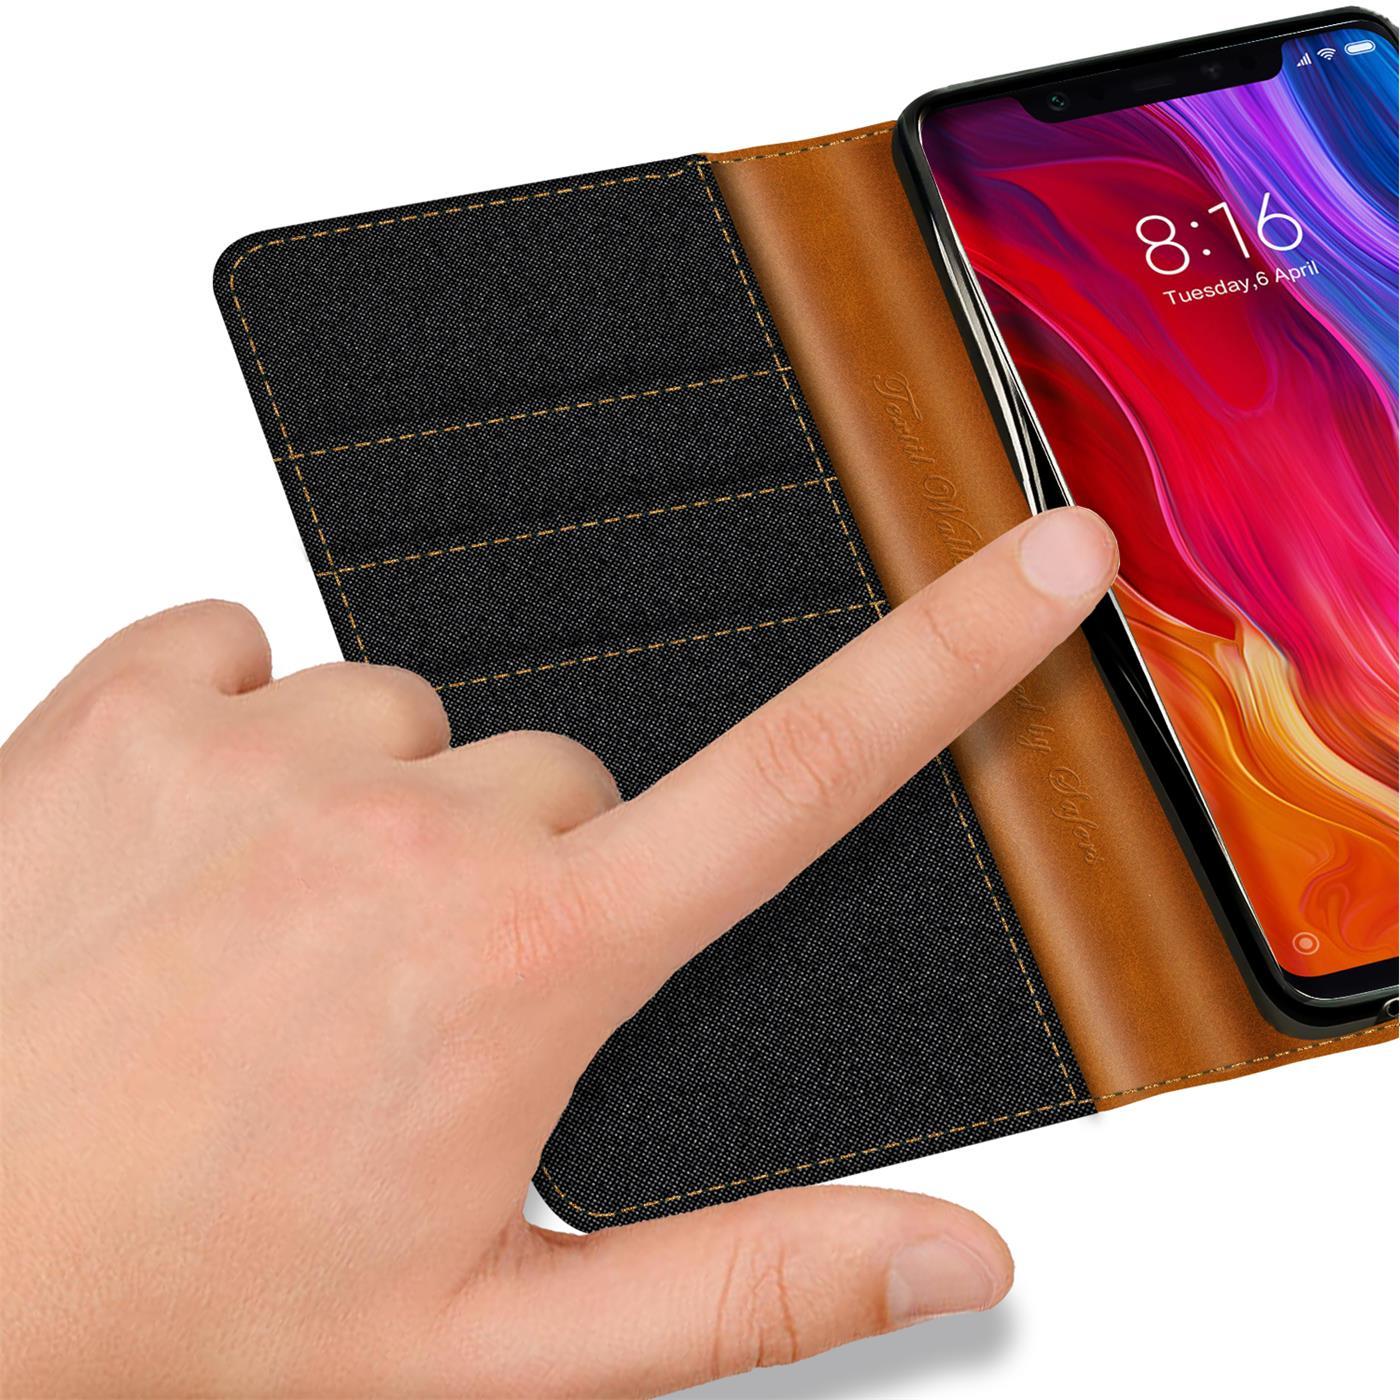 Indexbild 10 - Handy-Huelle-fuer-Xiaomi-Pocophone-F1-Tasche-Wallet-Flip-Case-Schutz-Huelle-Cover